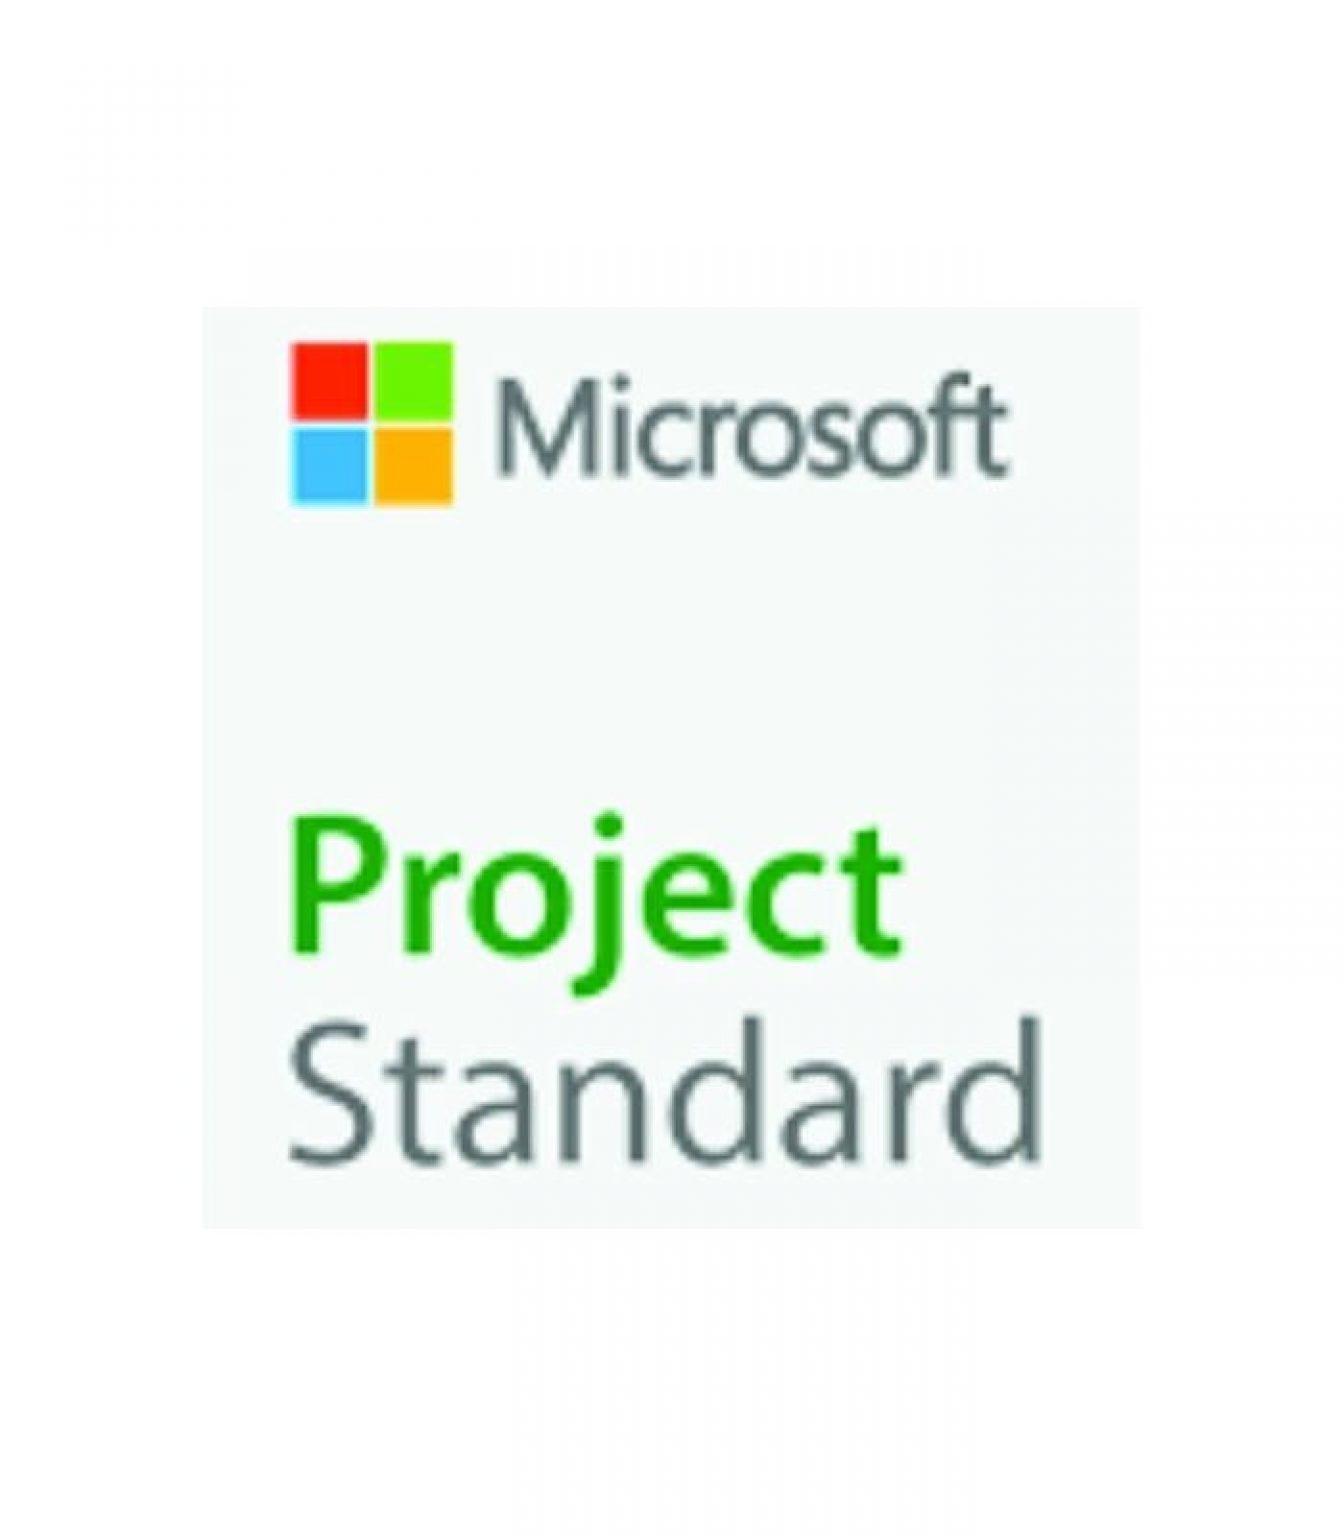 MICROSOFT - [Project Standard] Prjct Std 2019 SNGL OLP NL Acdmc [Pendidikan ]